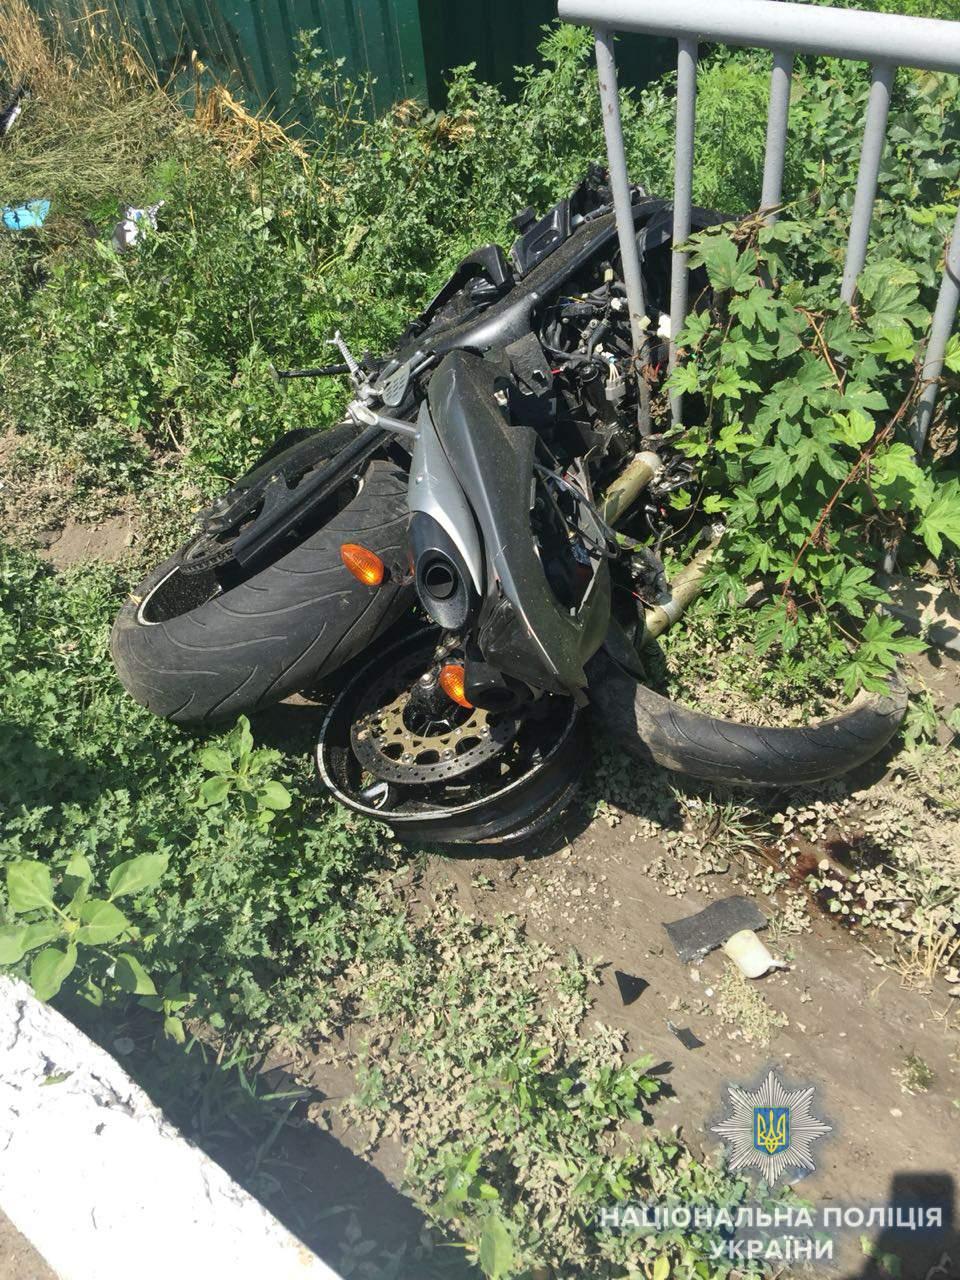 На Одесчине в результате столкновения с микроавтобусом погиб мотоциклист (фото)